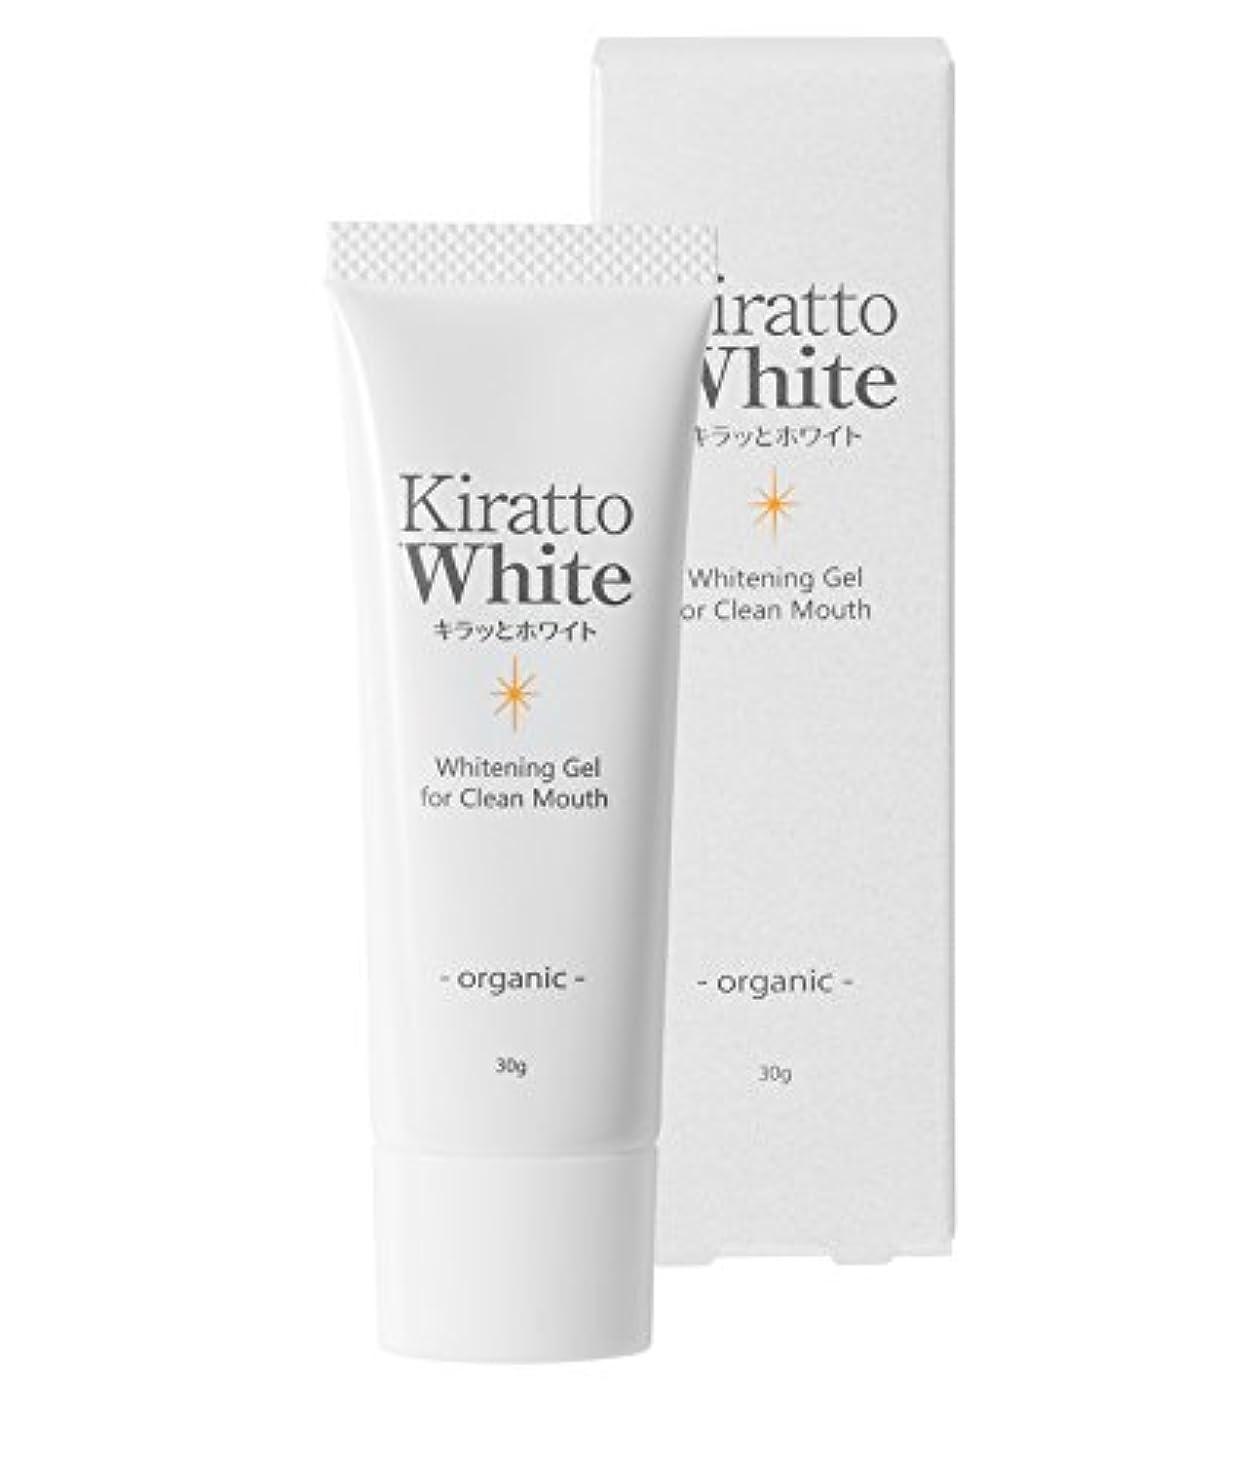 記憶聞く不正確キラッとホワイト(ホワイトニング歯みがきジェル)ライムミント風味 30g(1ヶ月分)